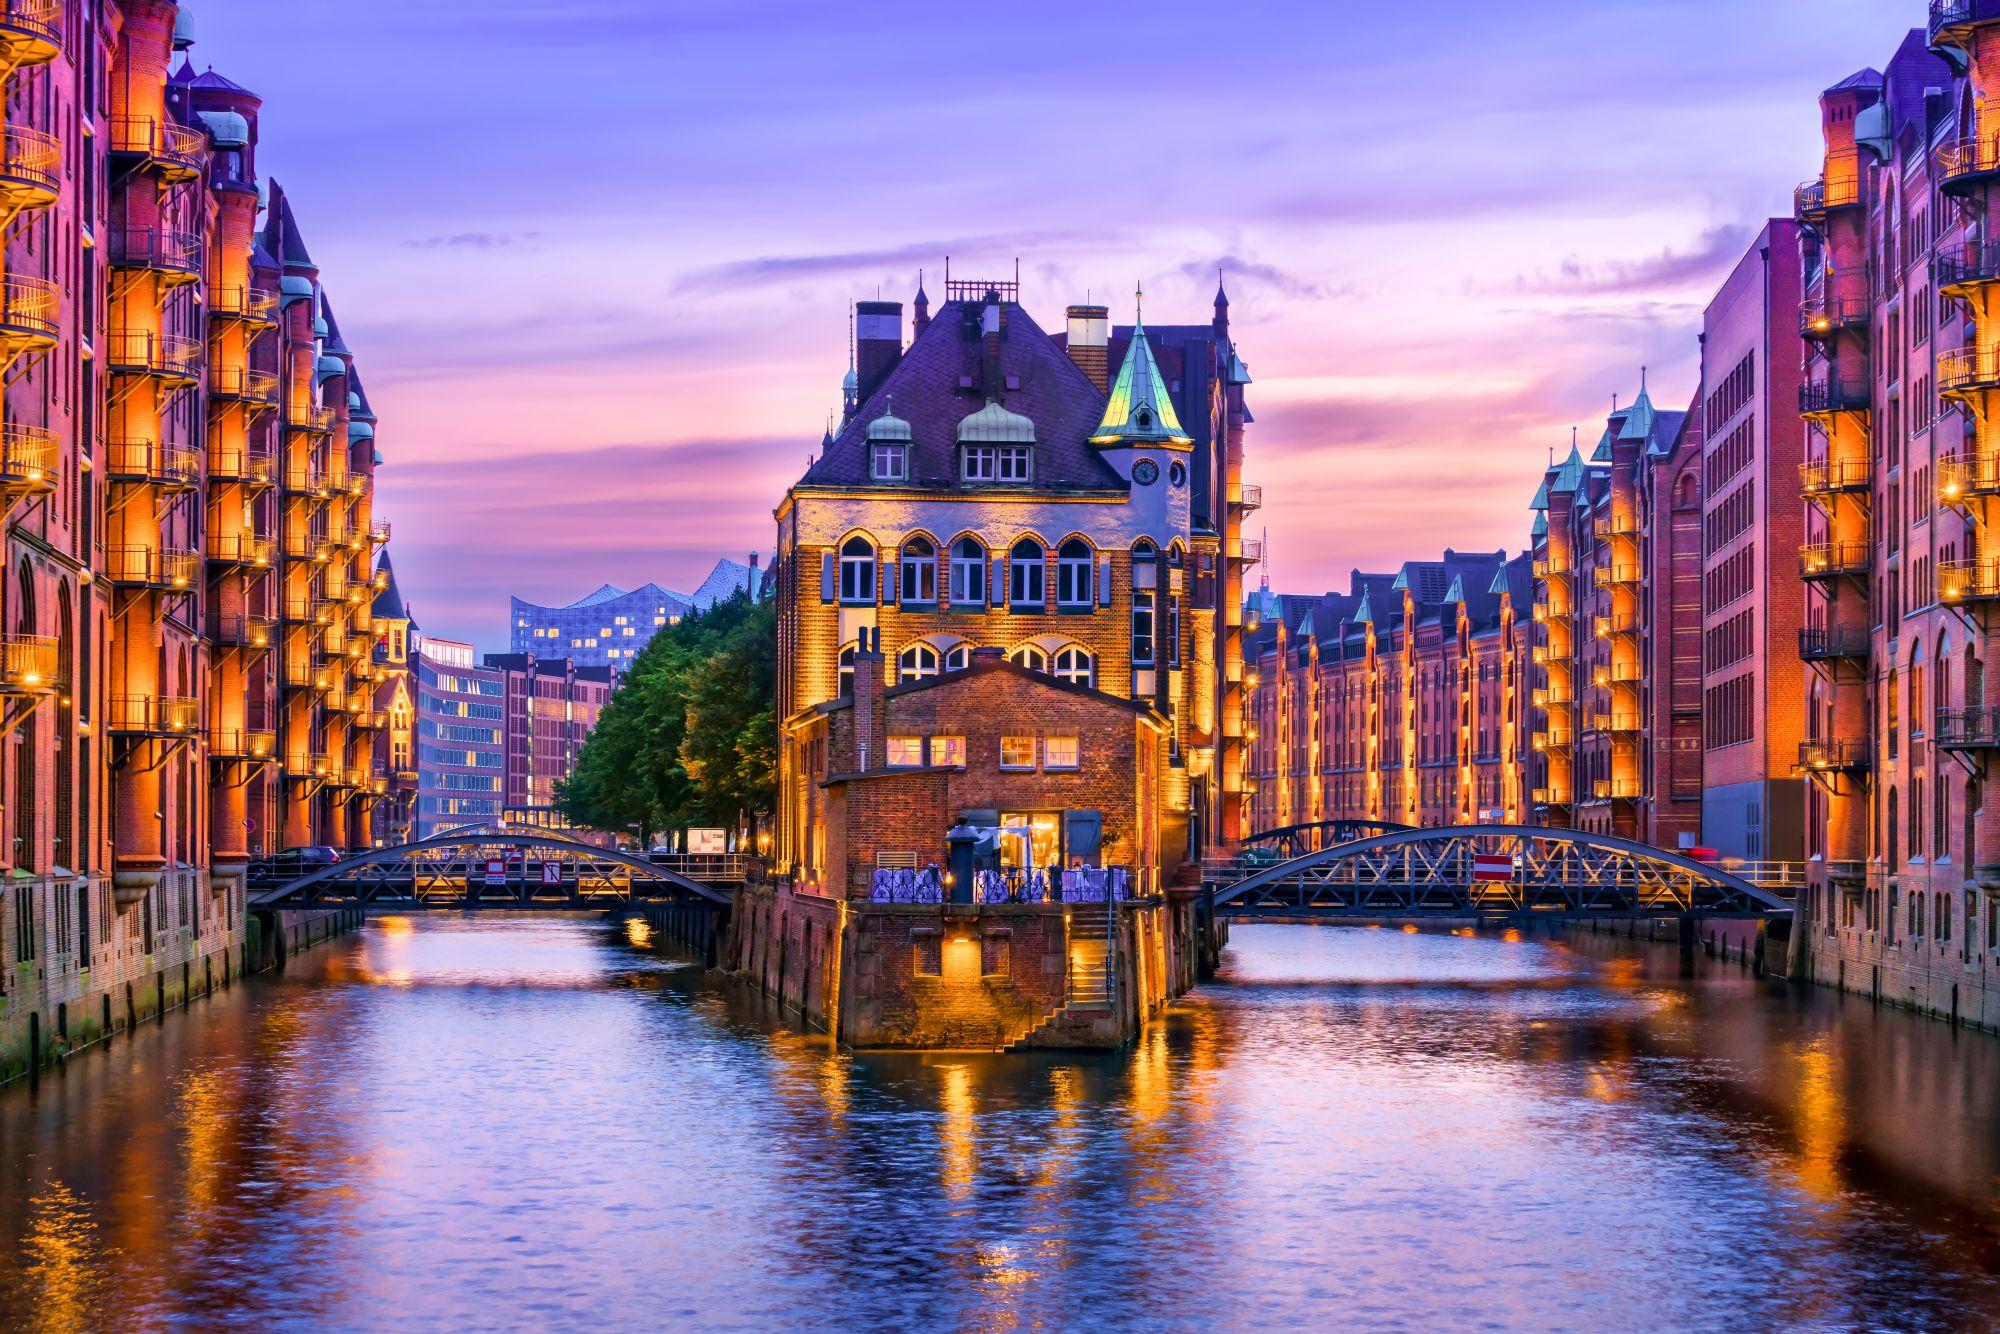 Kanały w Hamburgu